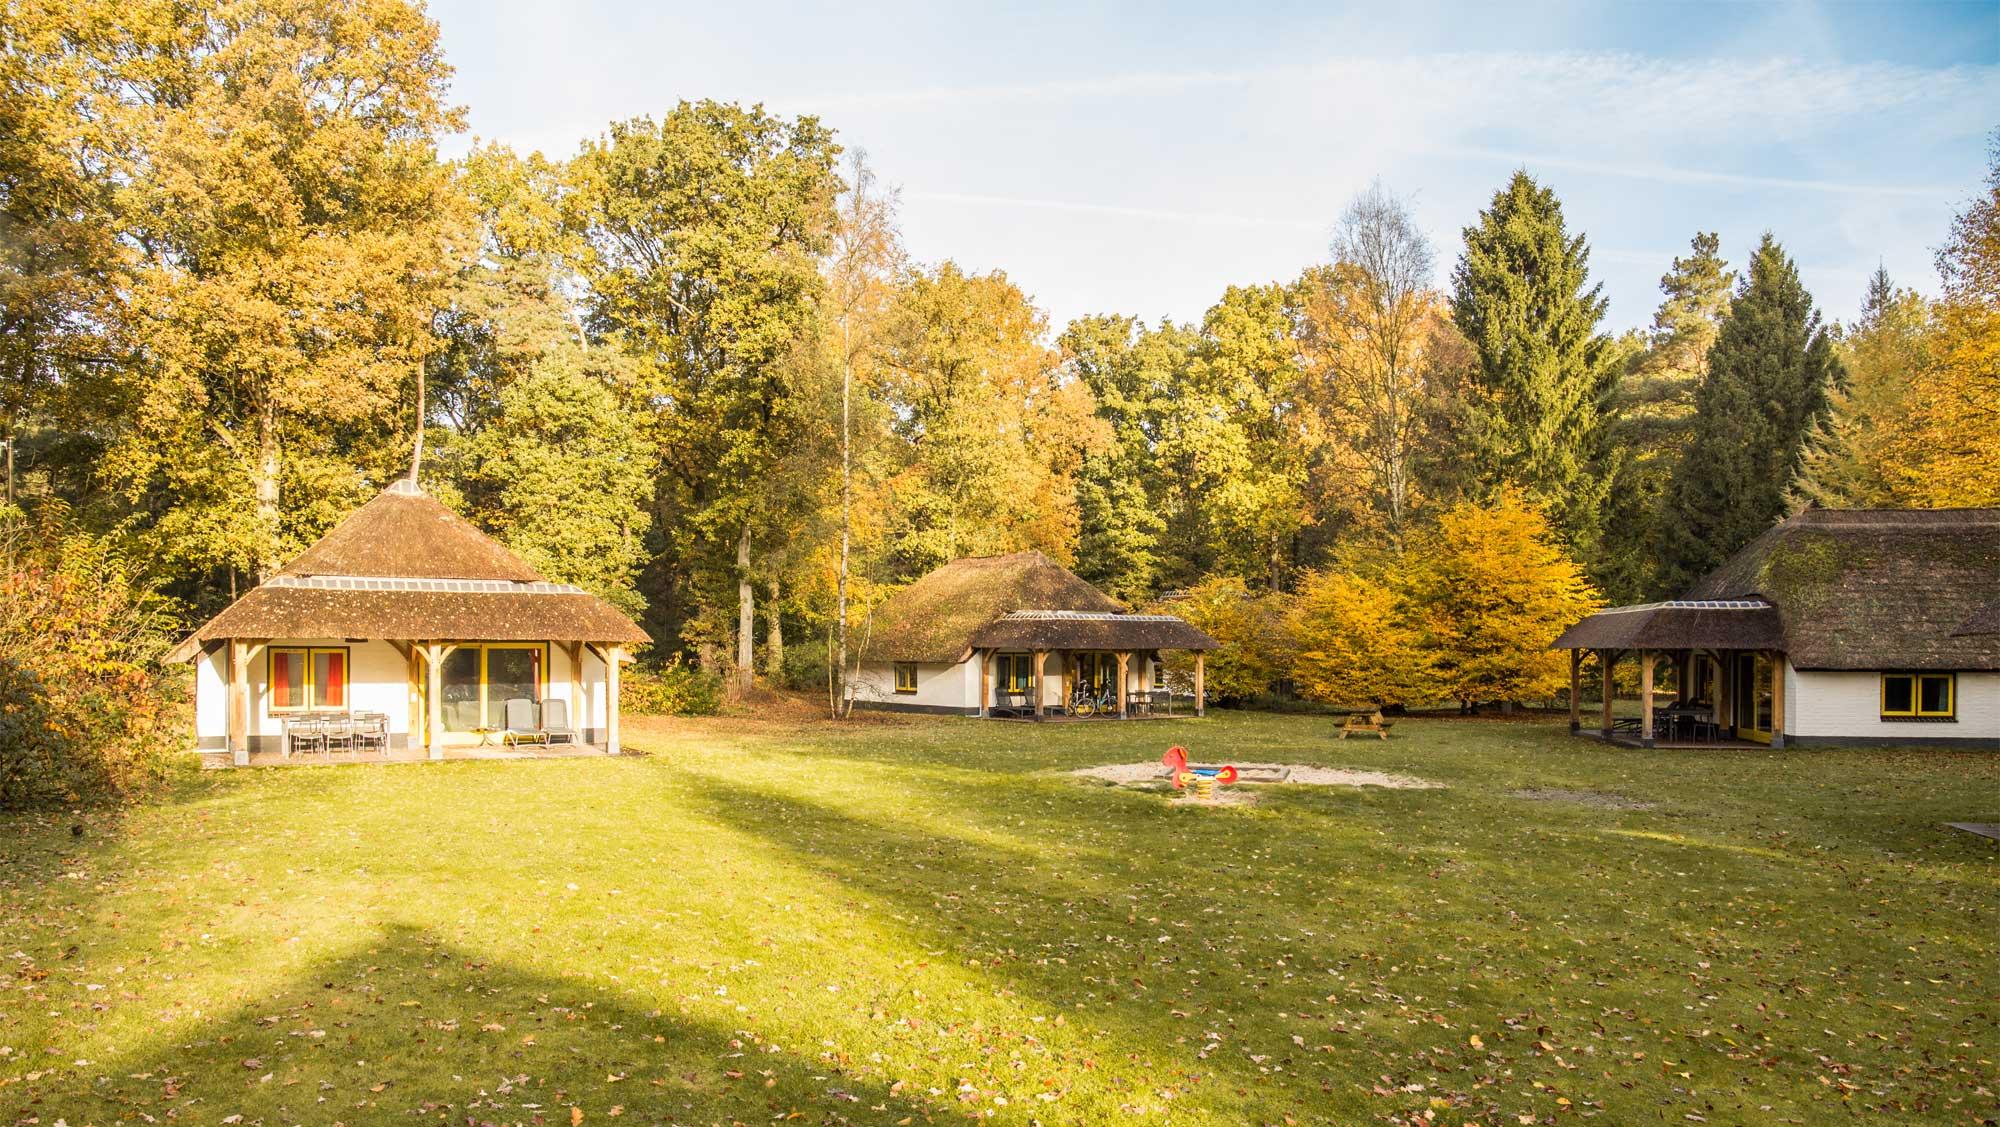 6pers bungalow Buitengoed Molecaten Park De Leemkule 08